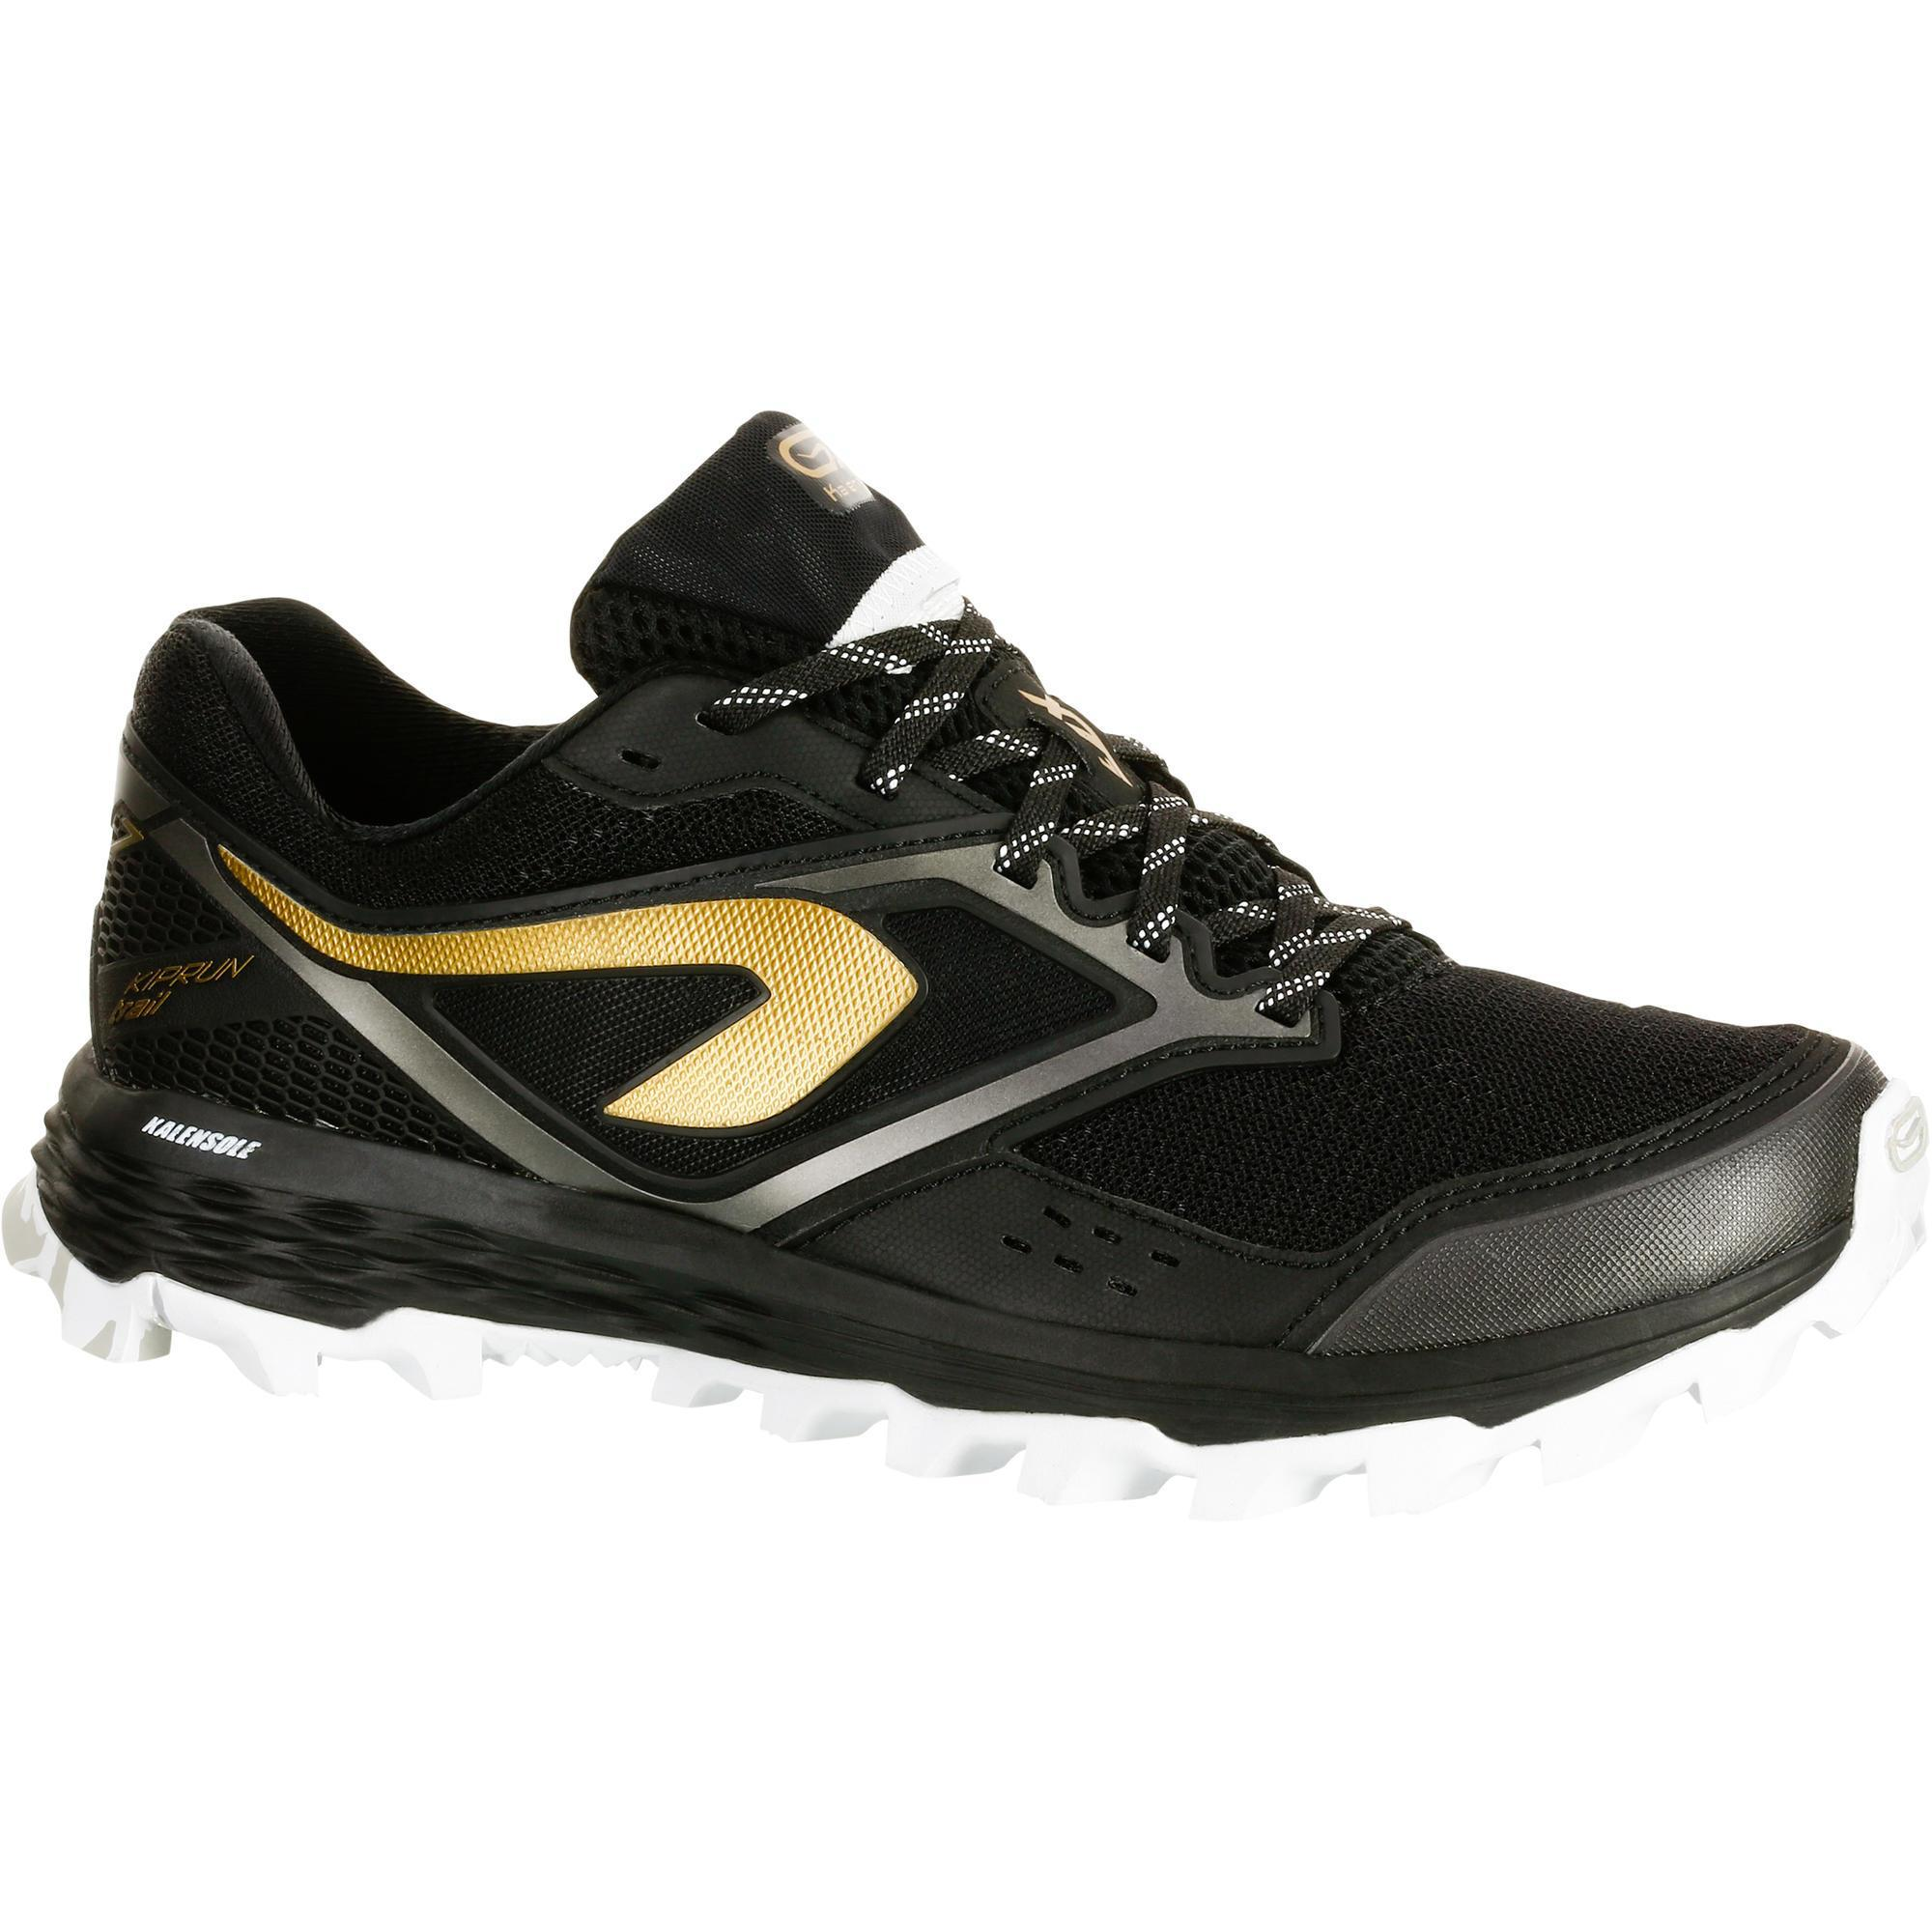 2501104 Kalenji Trailschoenen voor dames Kiprun Trail XT 7 zwart brons